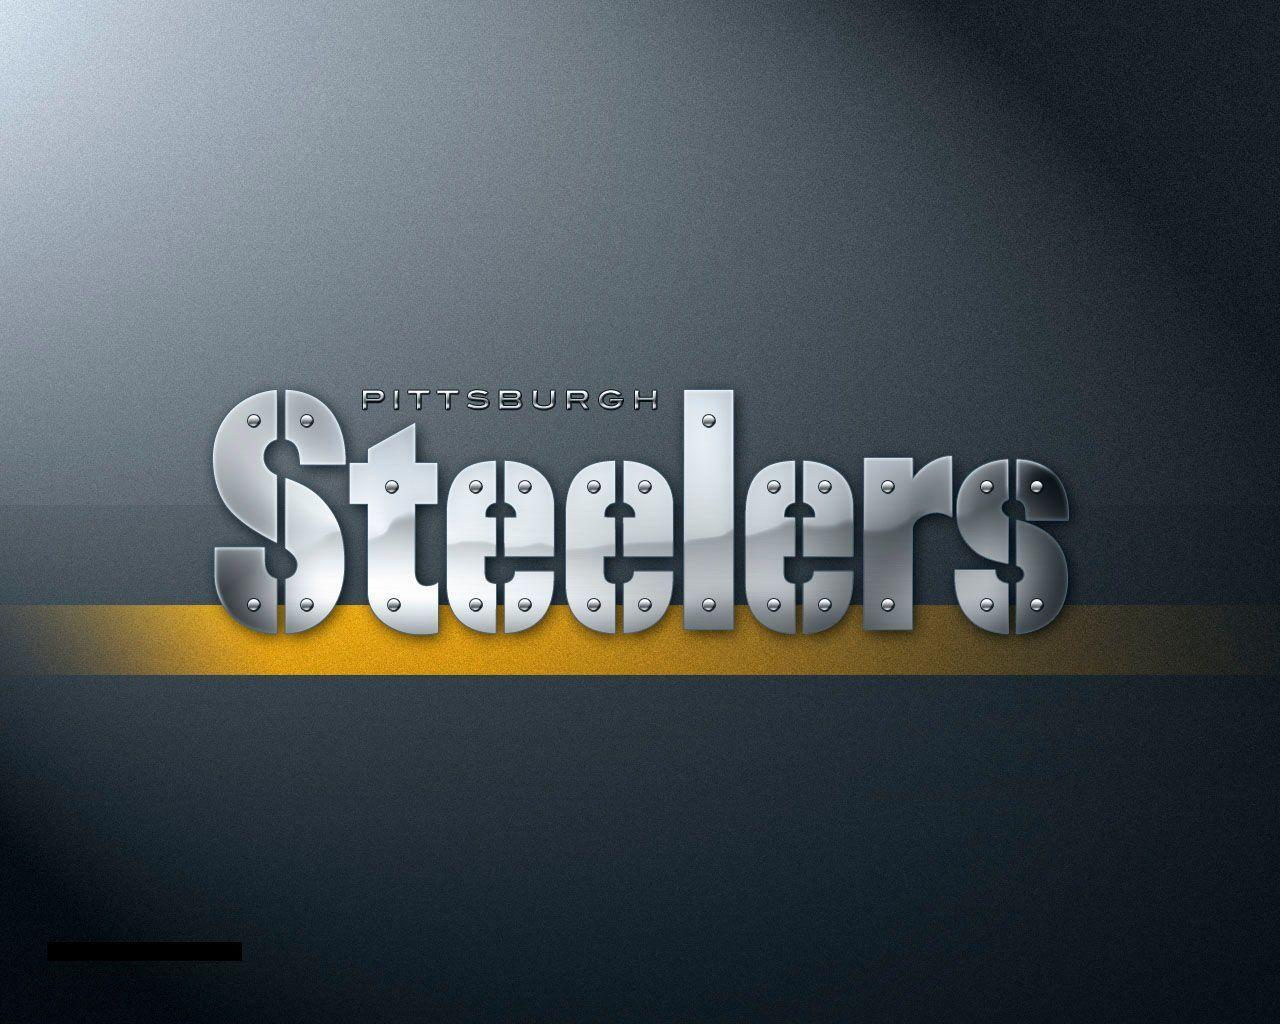 Steelers Wallpaper Hd 2014 #12101) wallpaper - wallatar.